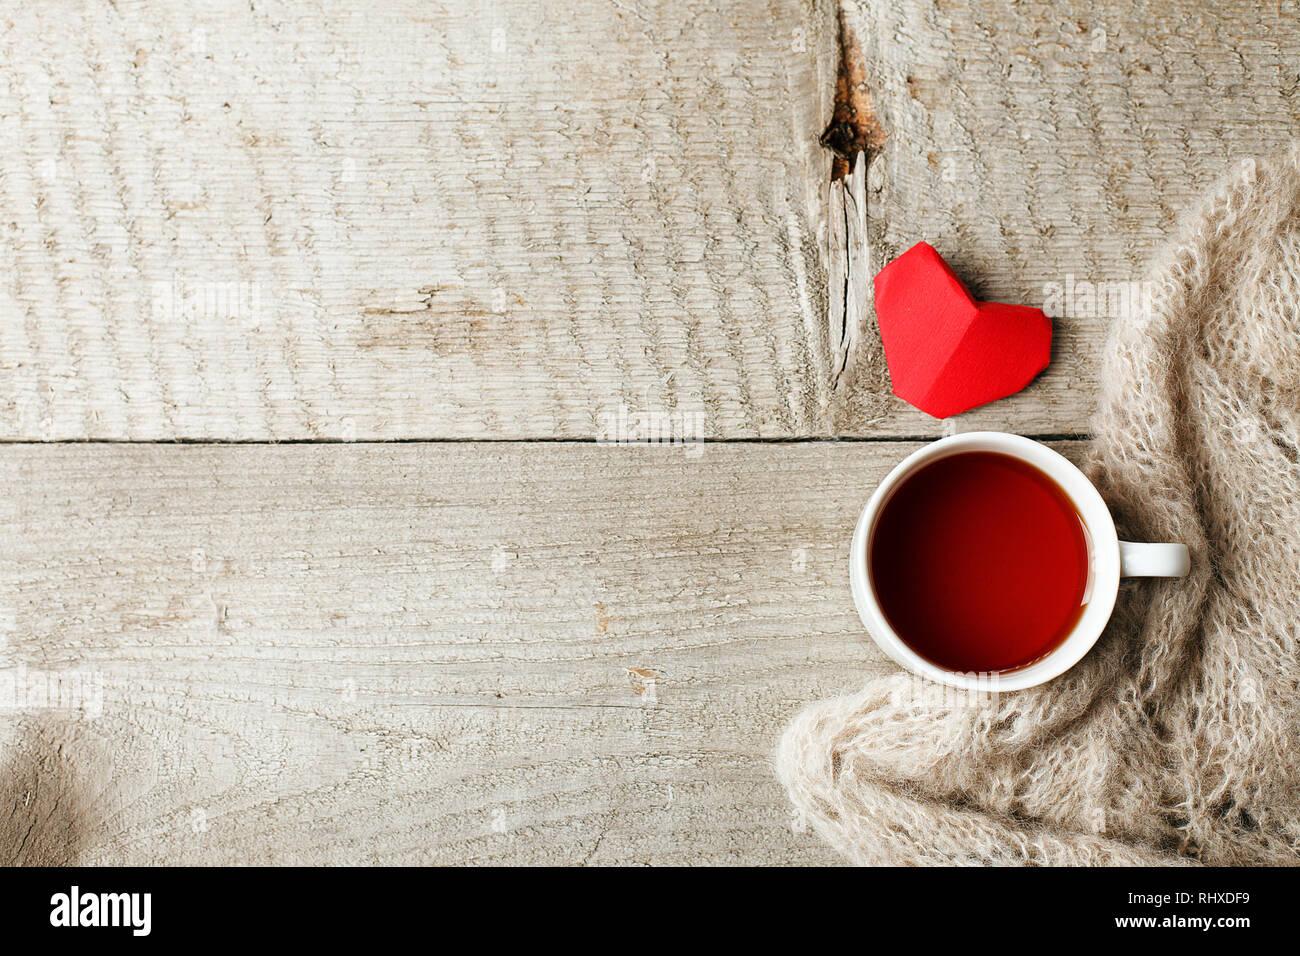 Tasse Tee Mit Roten Herzen Auf Vintage Holz Hintergrund